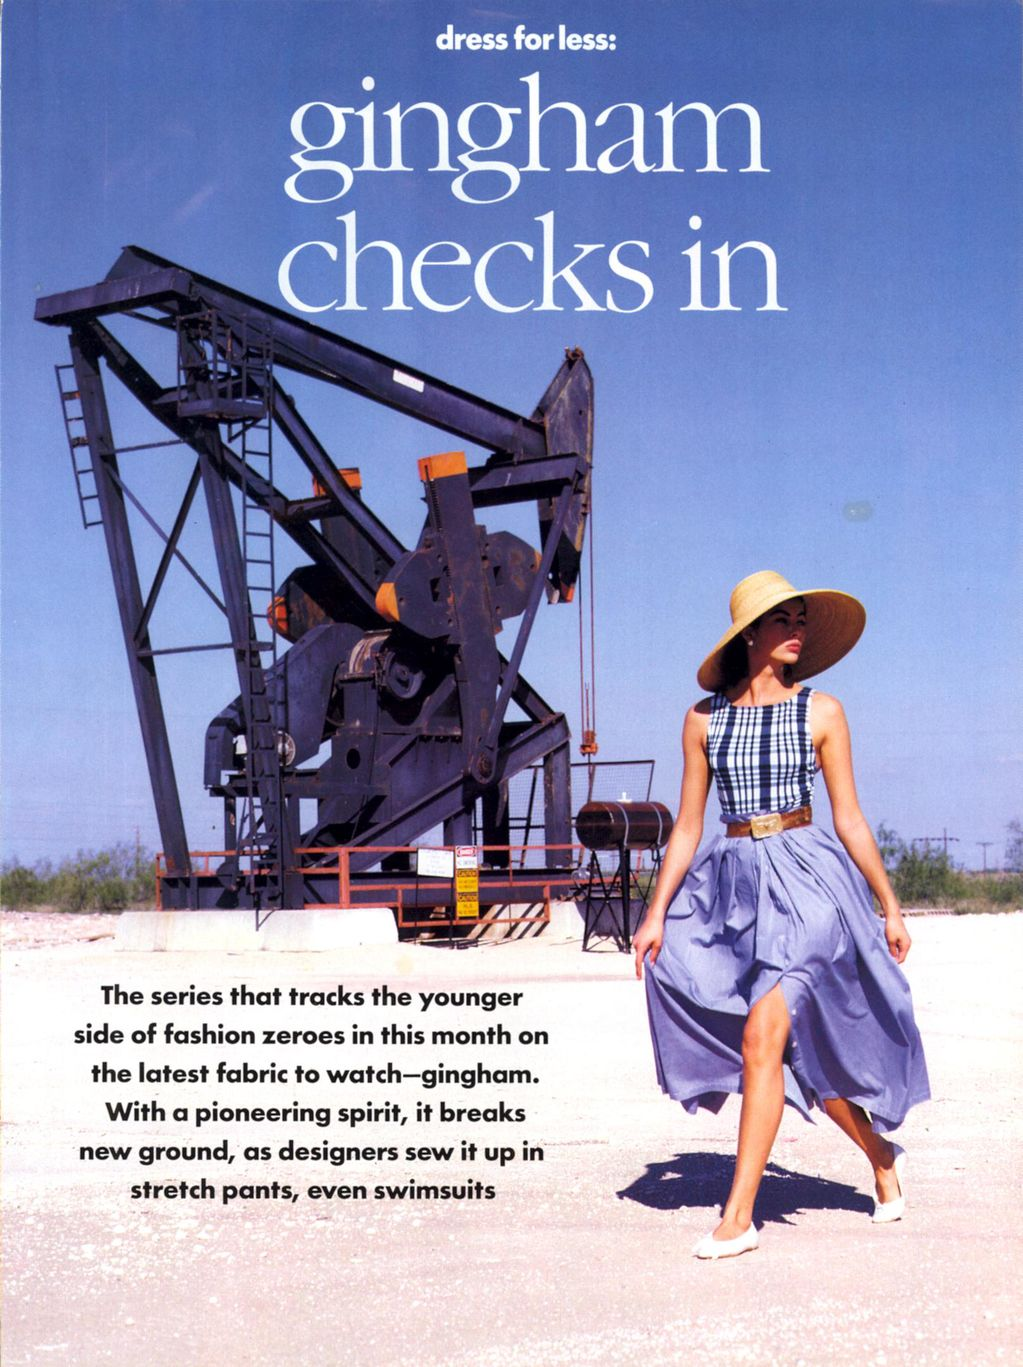 Vogue (US) January 1991 | Dress For Less - ingham Checks In 02.jpg